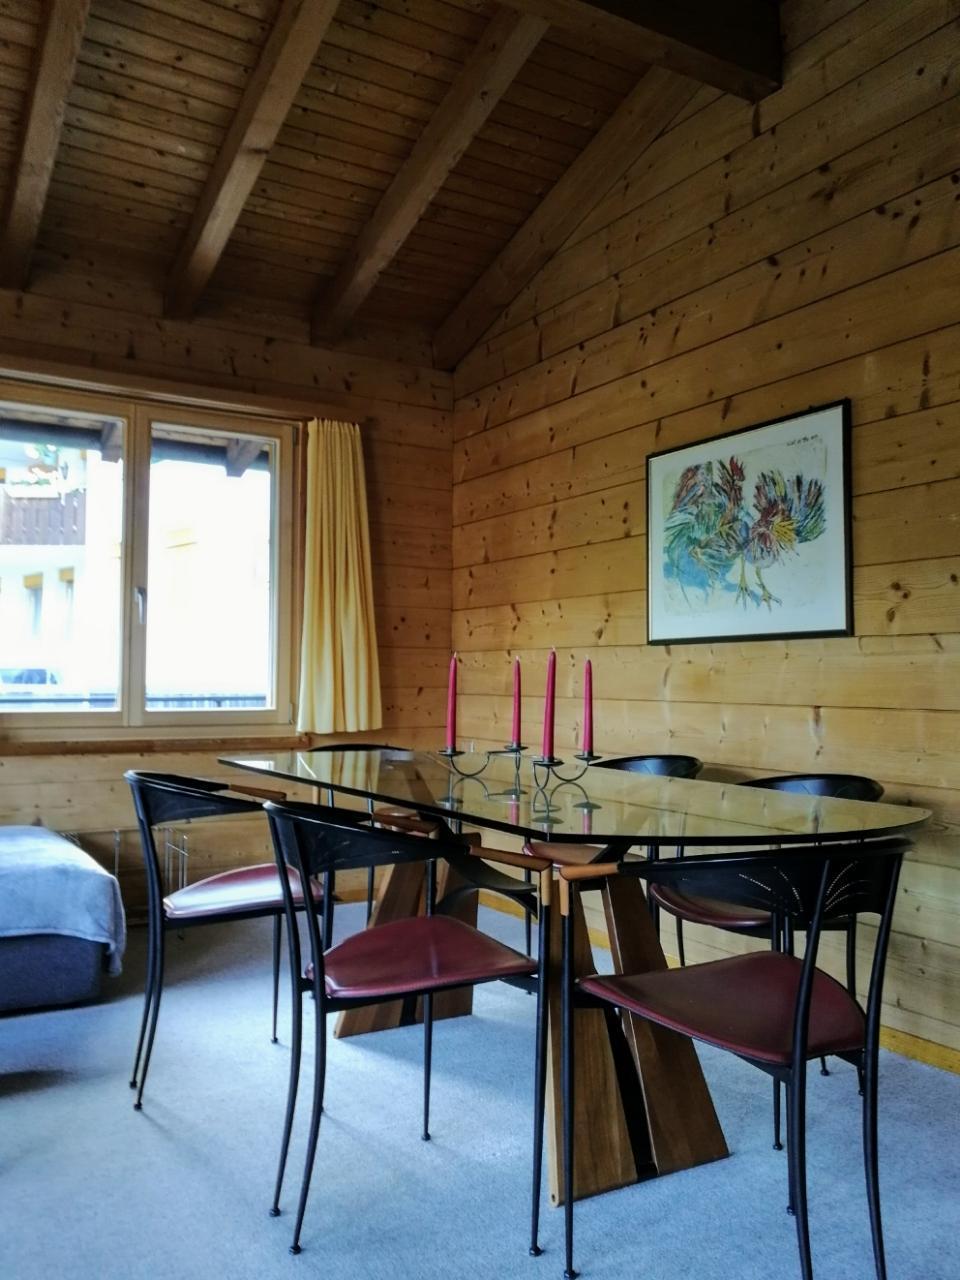 Ferienwohnung Seeblick Fraissen (1146940), Laax, Flims - Laax - Falera, Graubünden, Schweiz, Bild 7